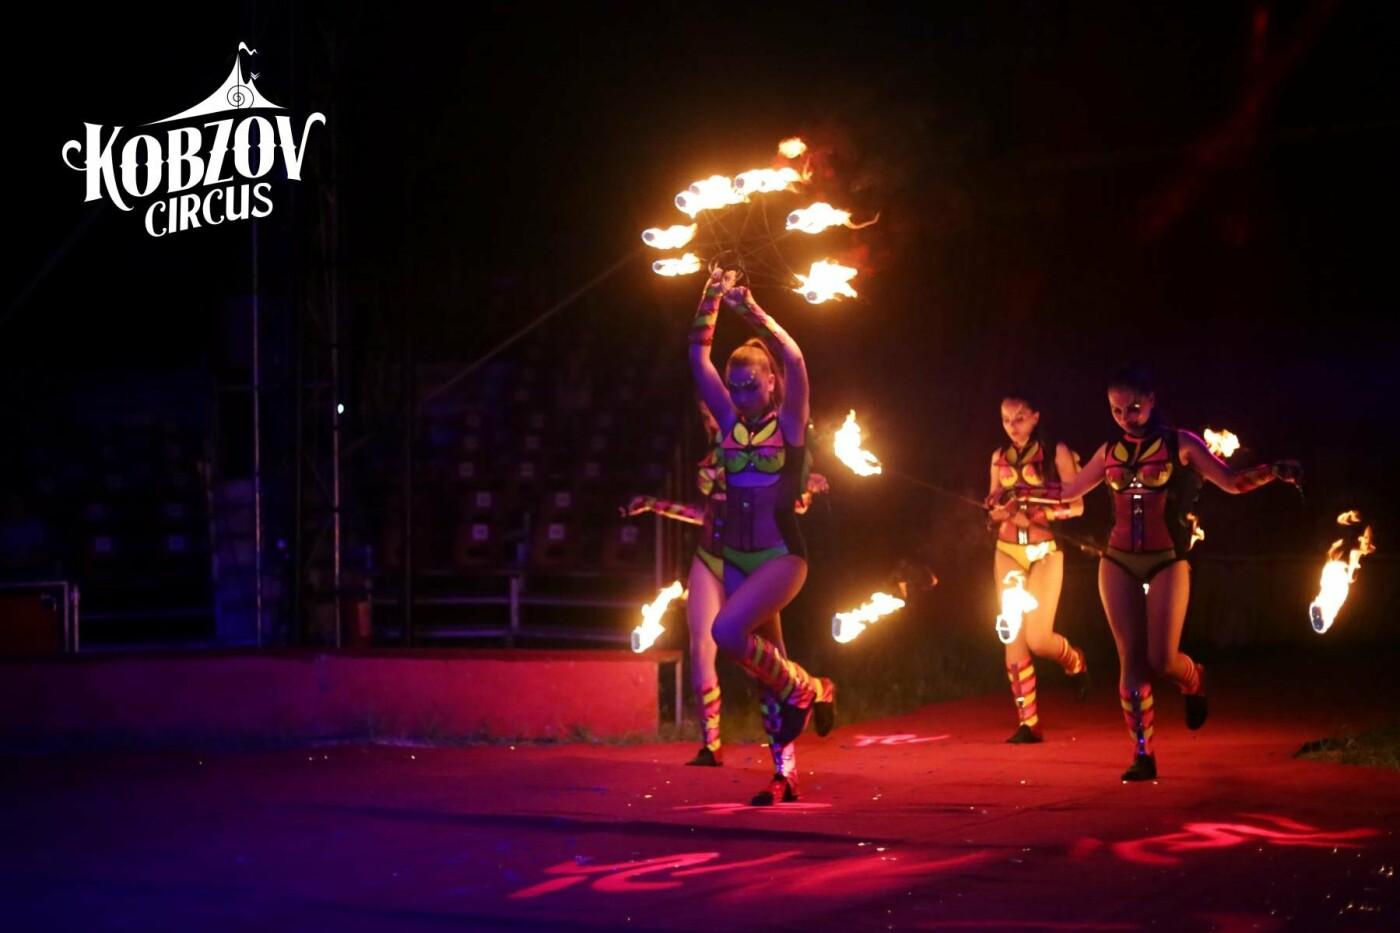 Найбільший цирк України – цирк «Кобзов», готовий дивувати, надихати і приносити радість!, фото-5